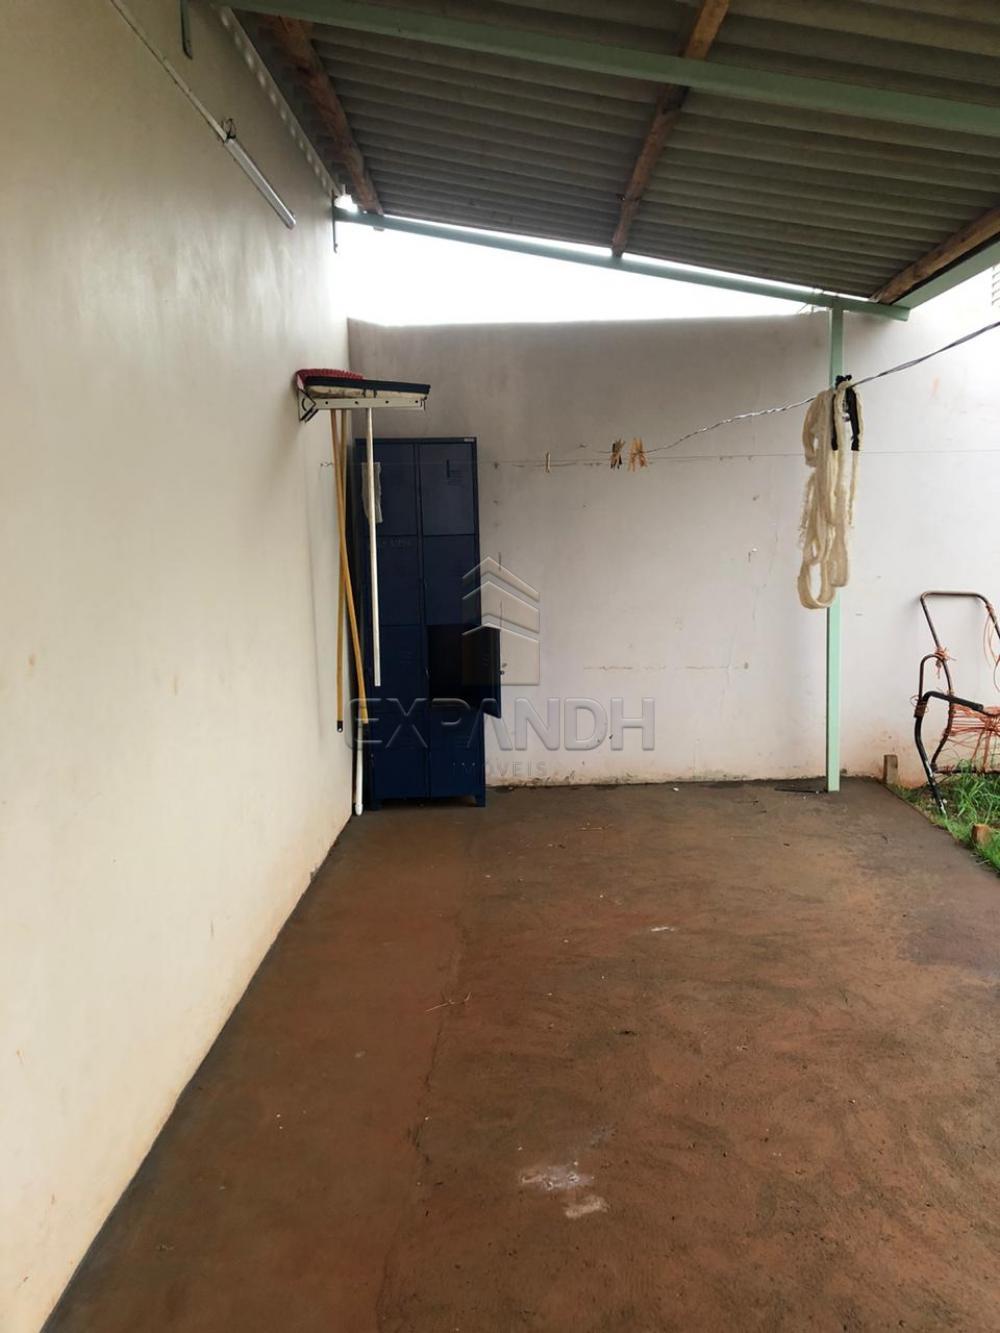 Alugar Casas / Padrão em Sertãozinho R$ 1.050,00 - Foto 11